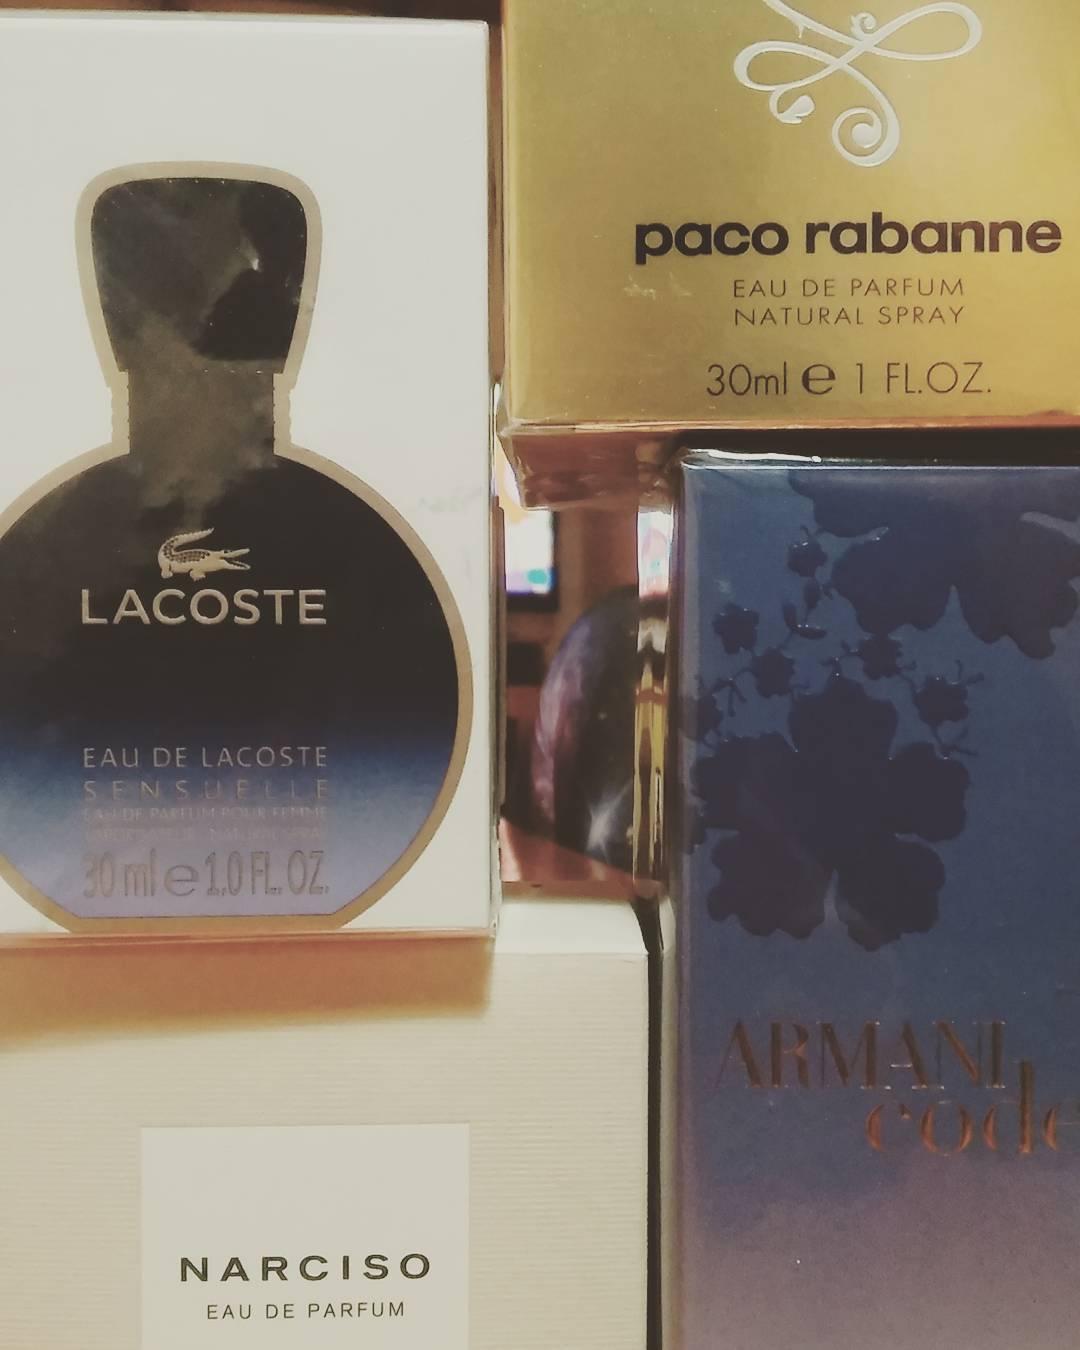 Unos gustos. Por comer tanta tierra y sol. Gracias a mi jaja. #parfume